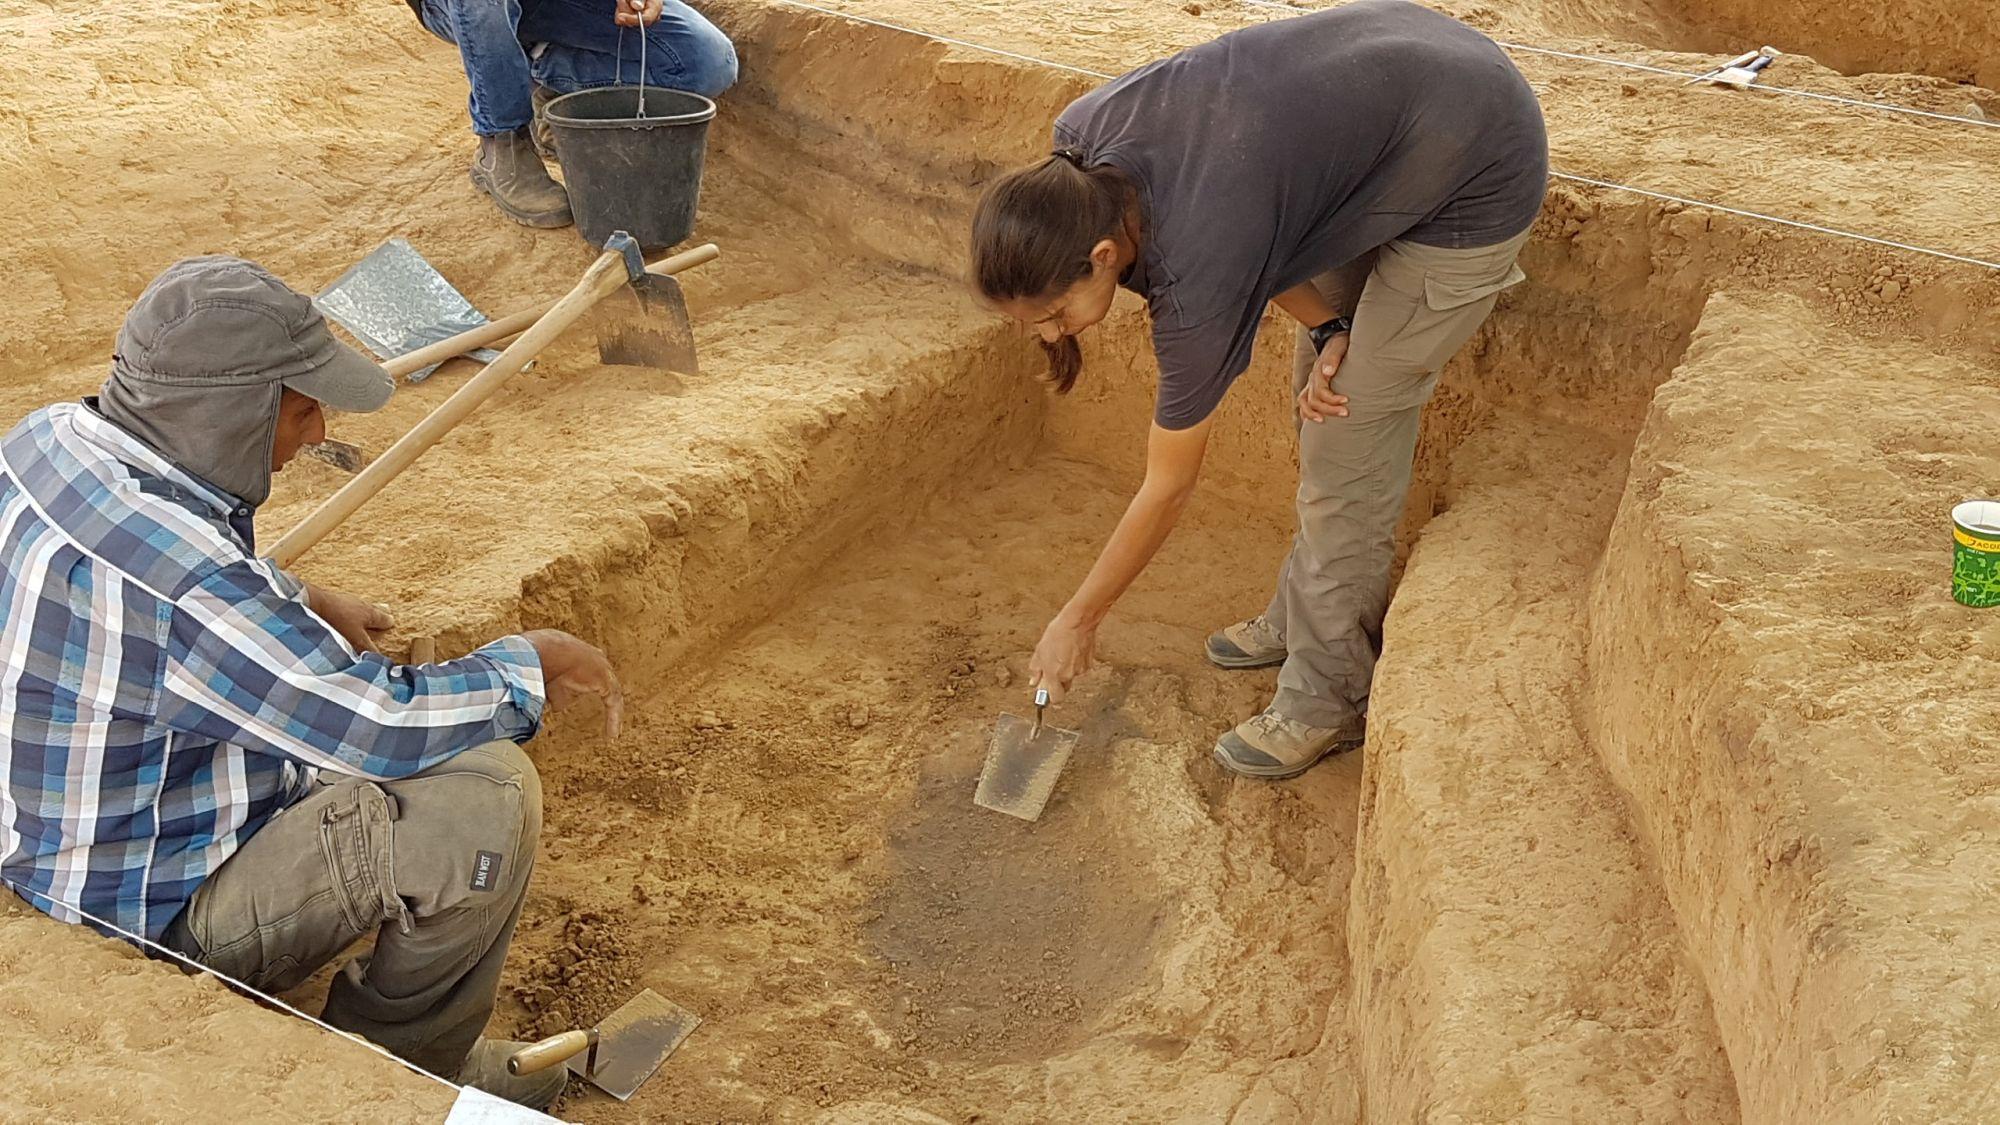 סדנת הנחושת הקדומה בבאר שבע, קרדיט: Anat Rasiuk/Israel Antiquities Authority